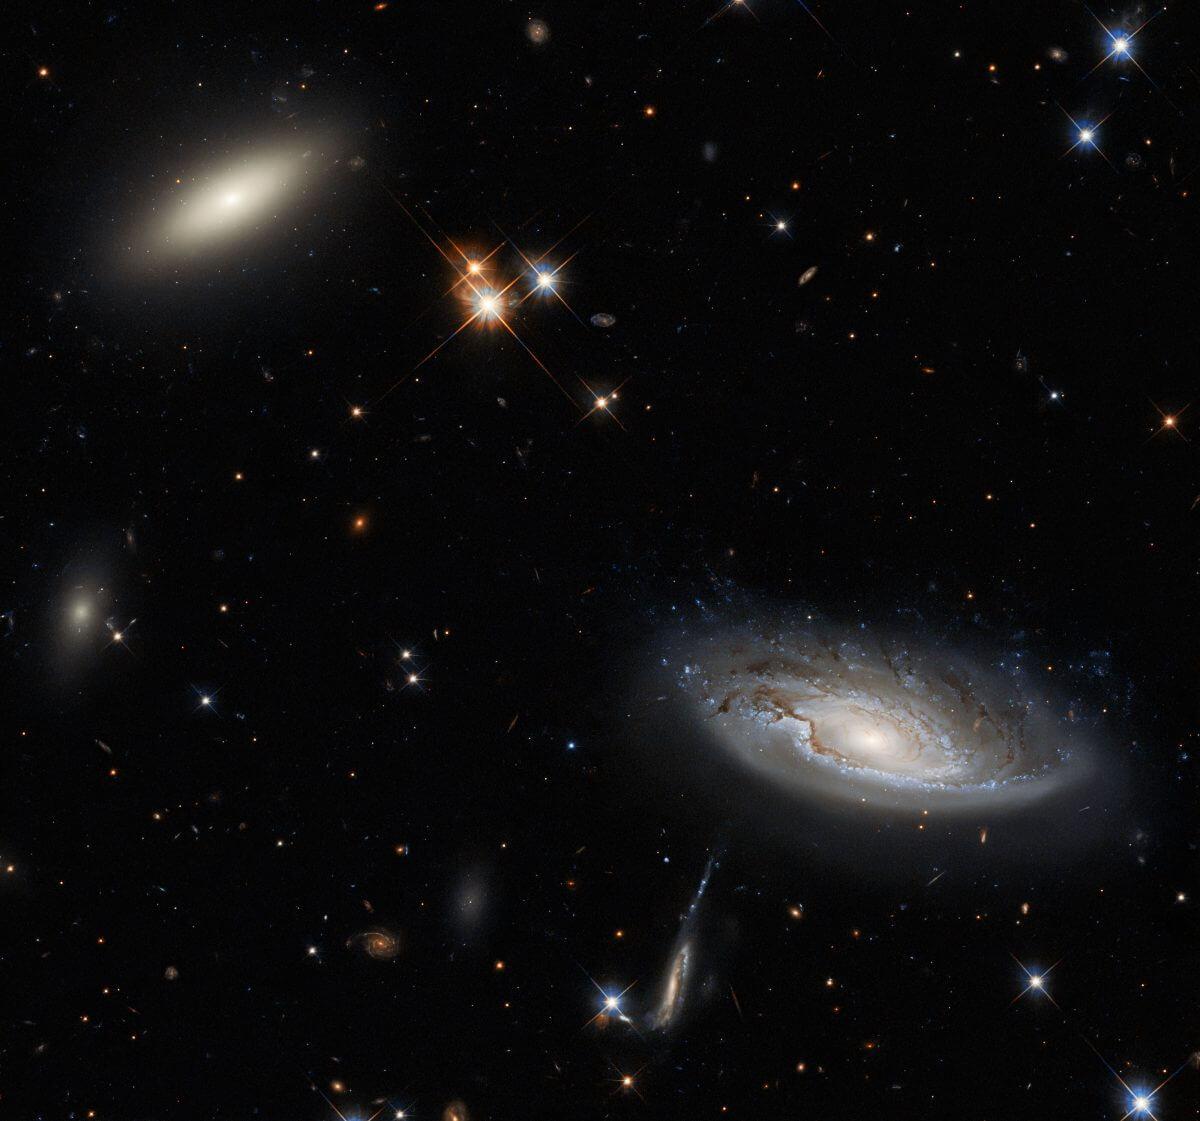 渦巻銀河「UGC 2665」(右下)とレンズ状銀河「2MASX J03193743+4137580」(左上)(Credit: ESA/Hubble & NASA, W. Harris, Acknowledgement: L. Shatz)